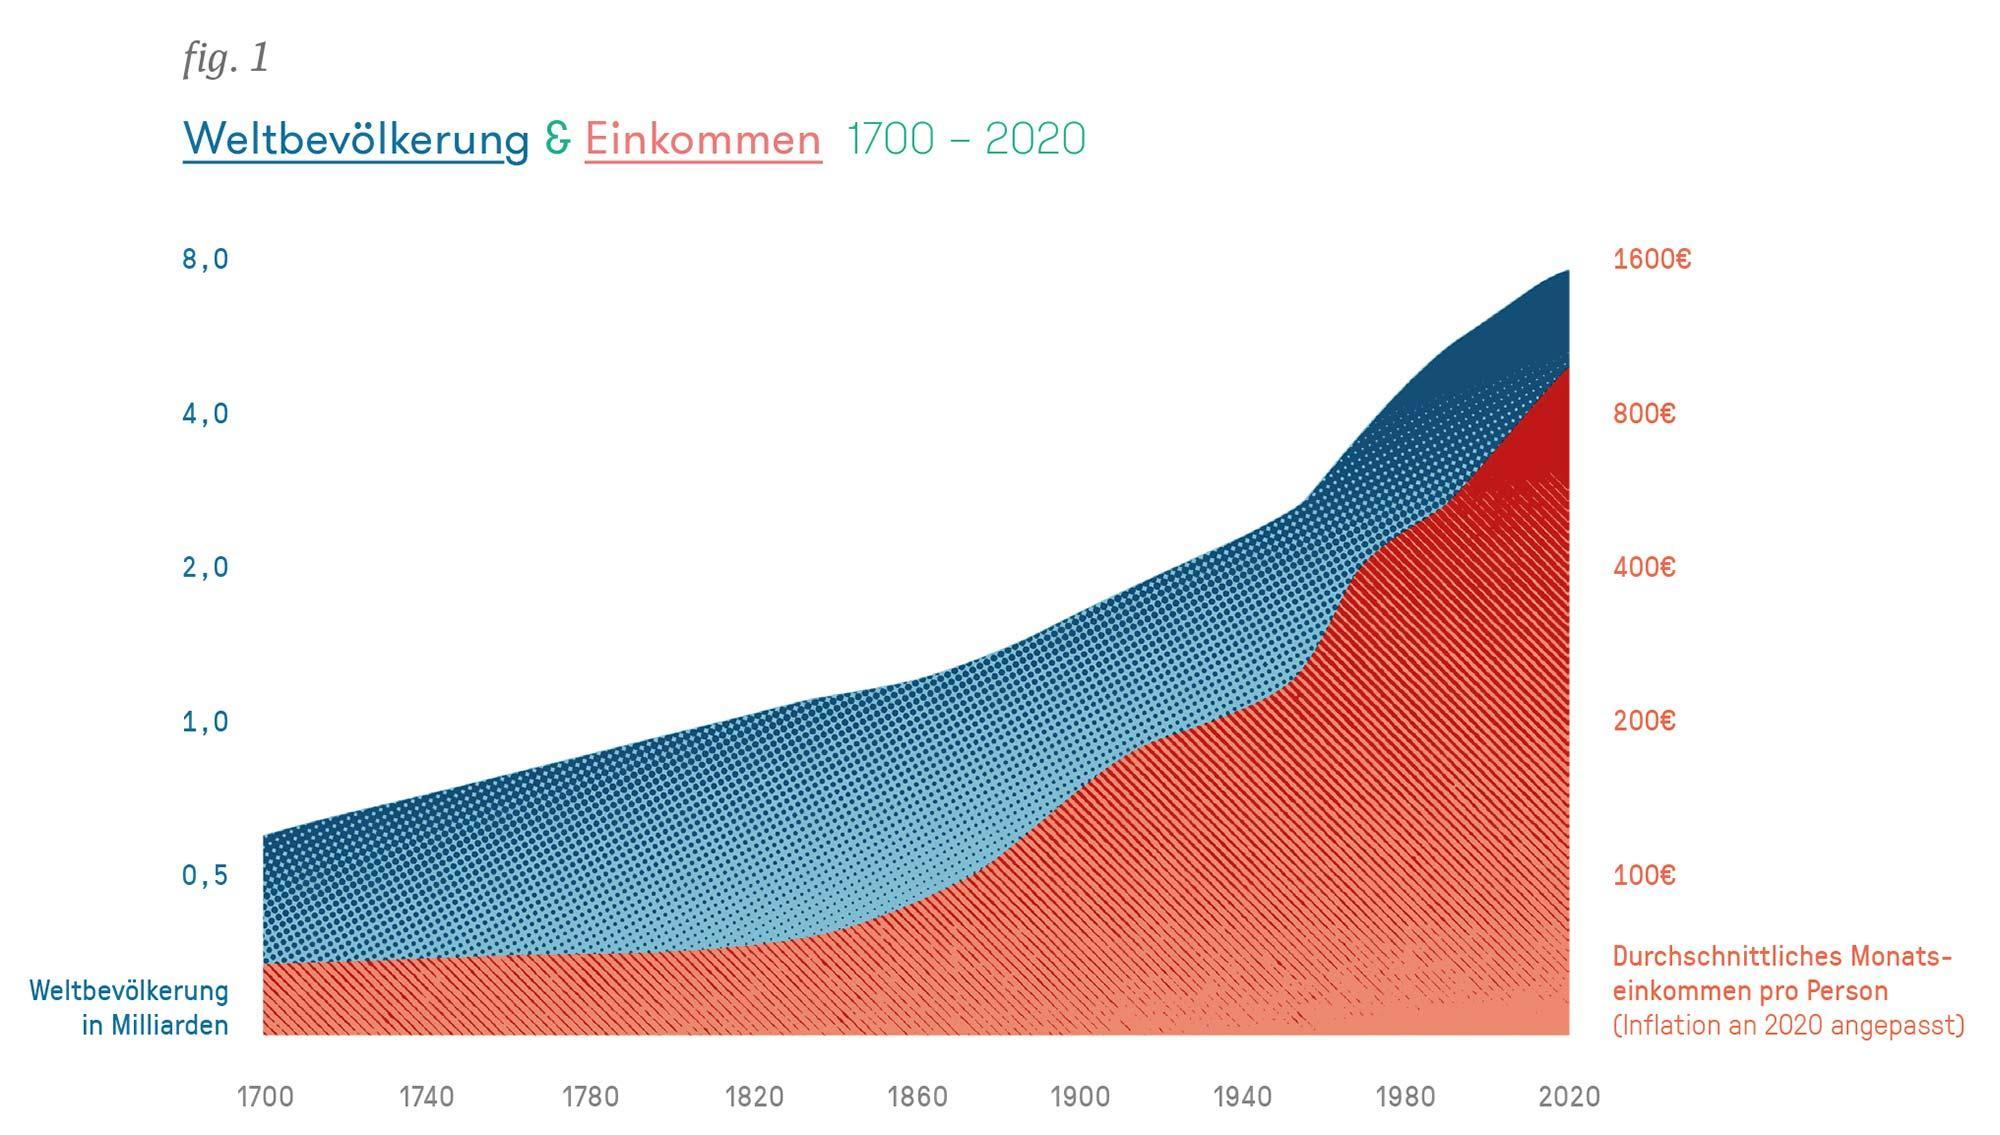 Weltbevölkerung & Einkommen 1700 – 2020